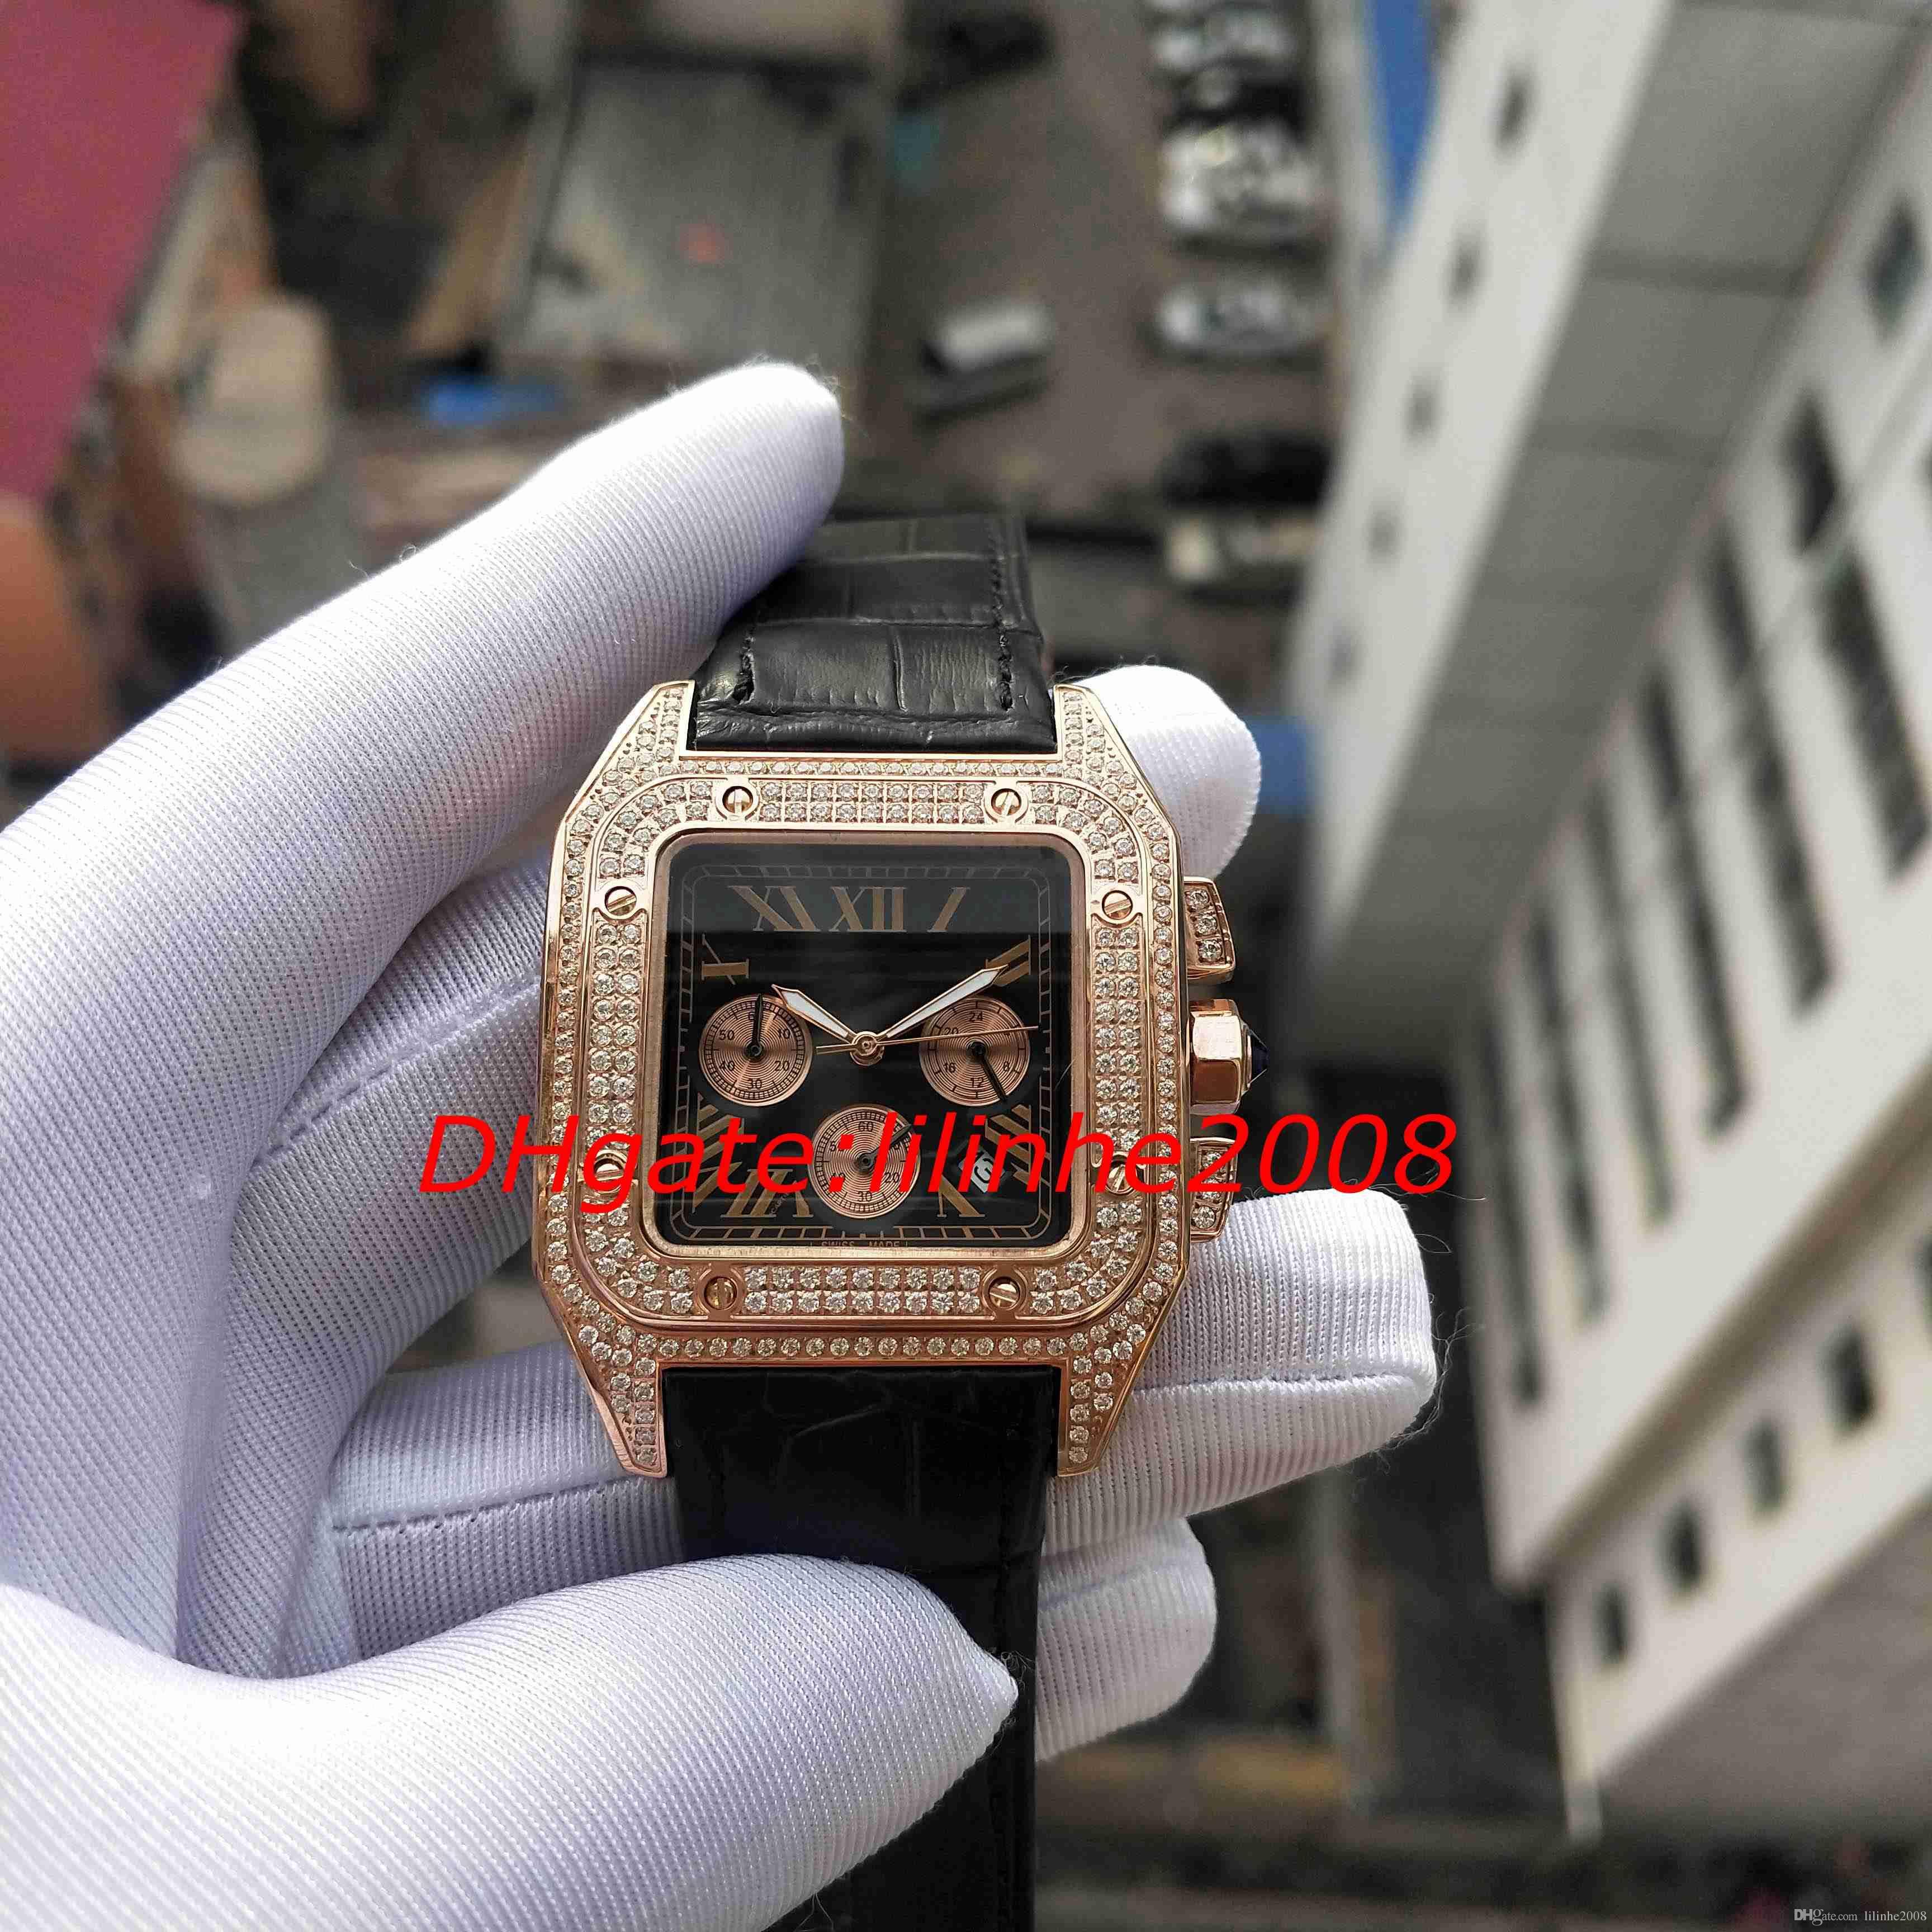 W20091X7 Assista X100 Rose Gold Diamante Caso Quartz movimento de cronógrafo Trabalho Esporte Mens Relógios de luxo de qualidade relógios de pulso dos homens altos